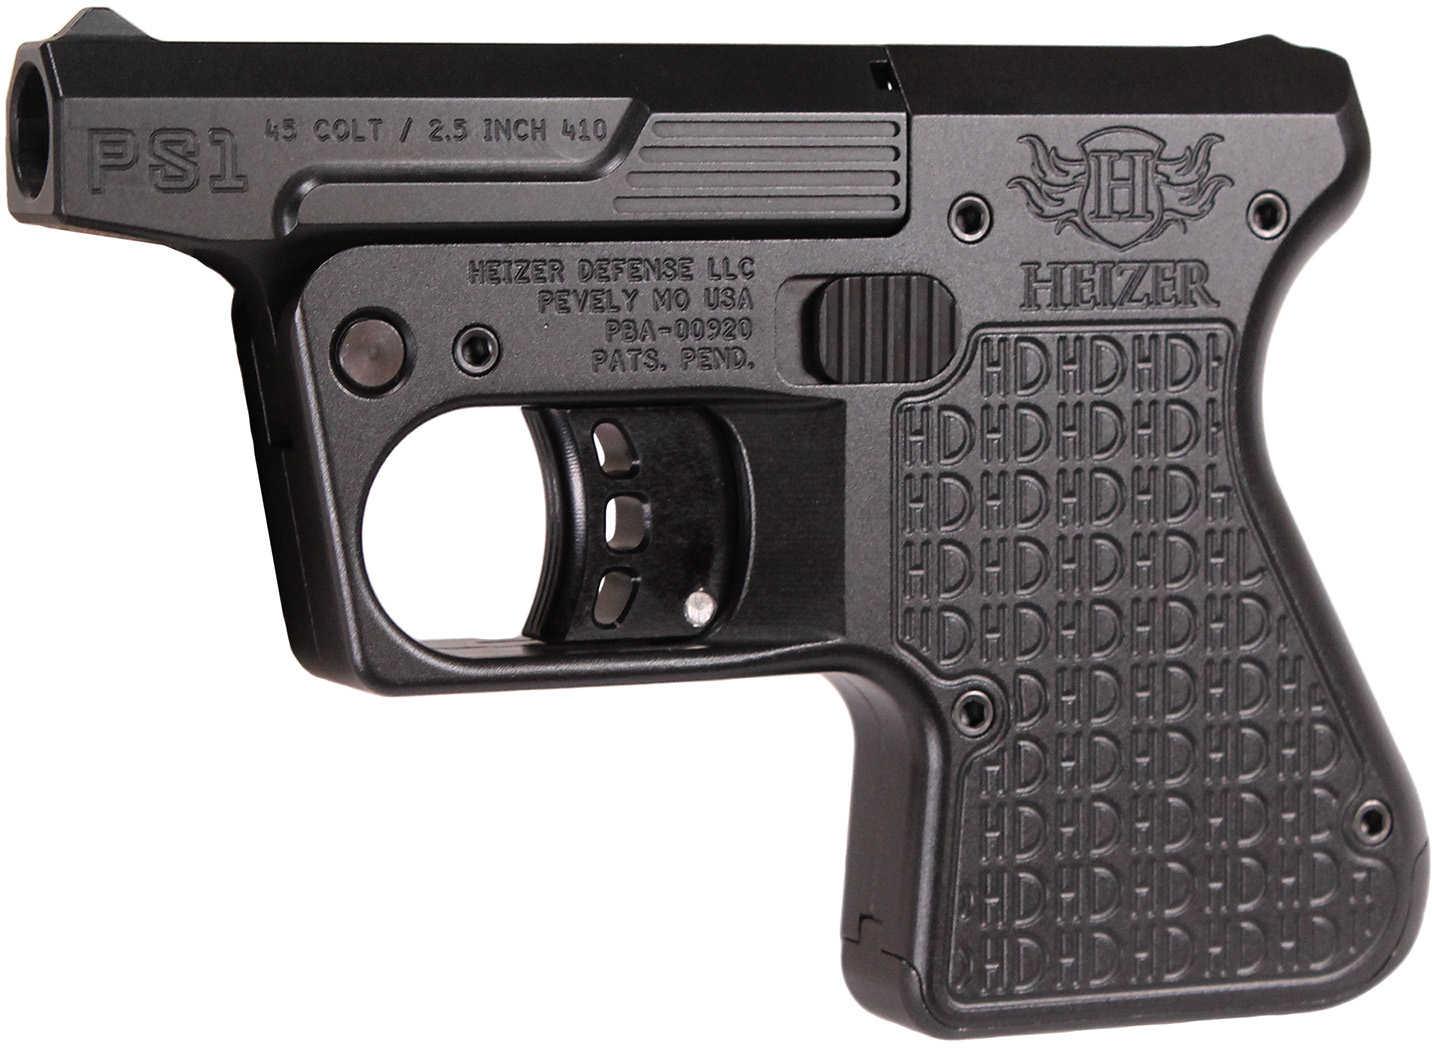 Heizer Defense PS1 Pocket Shotgun 45 Colt/410 Gauge 3 5